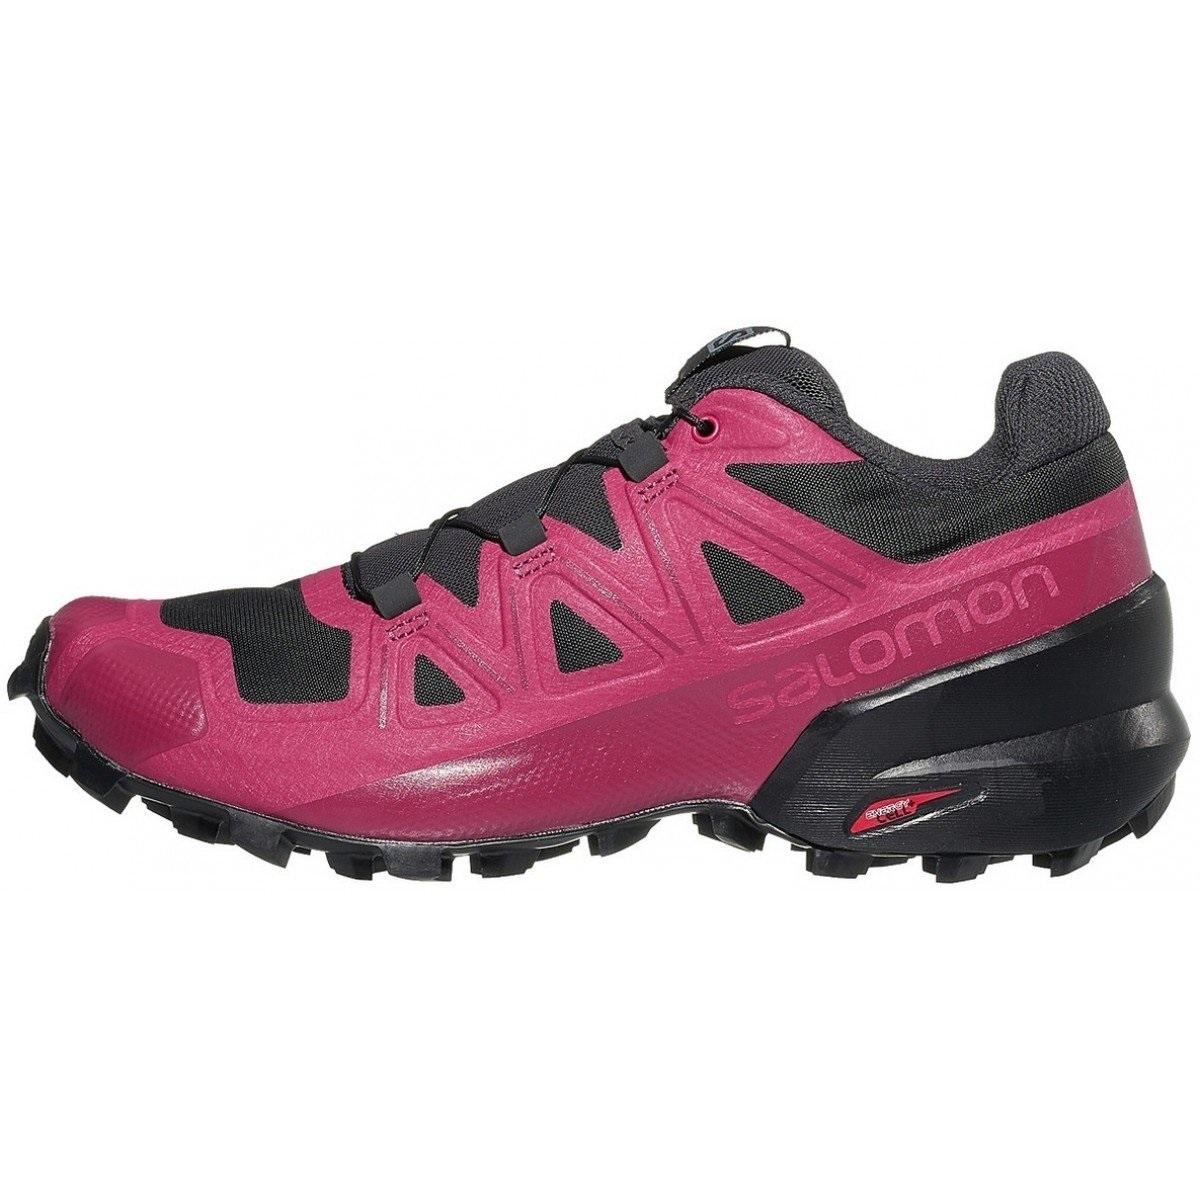 کفش مخصوص پیاده روی زنانه سالومون مدل MT 406850